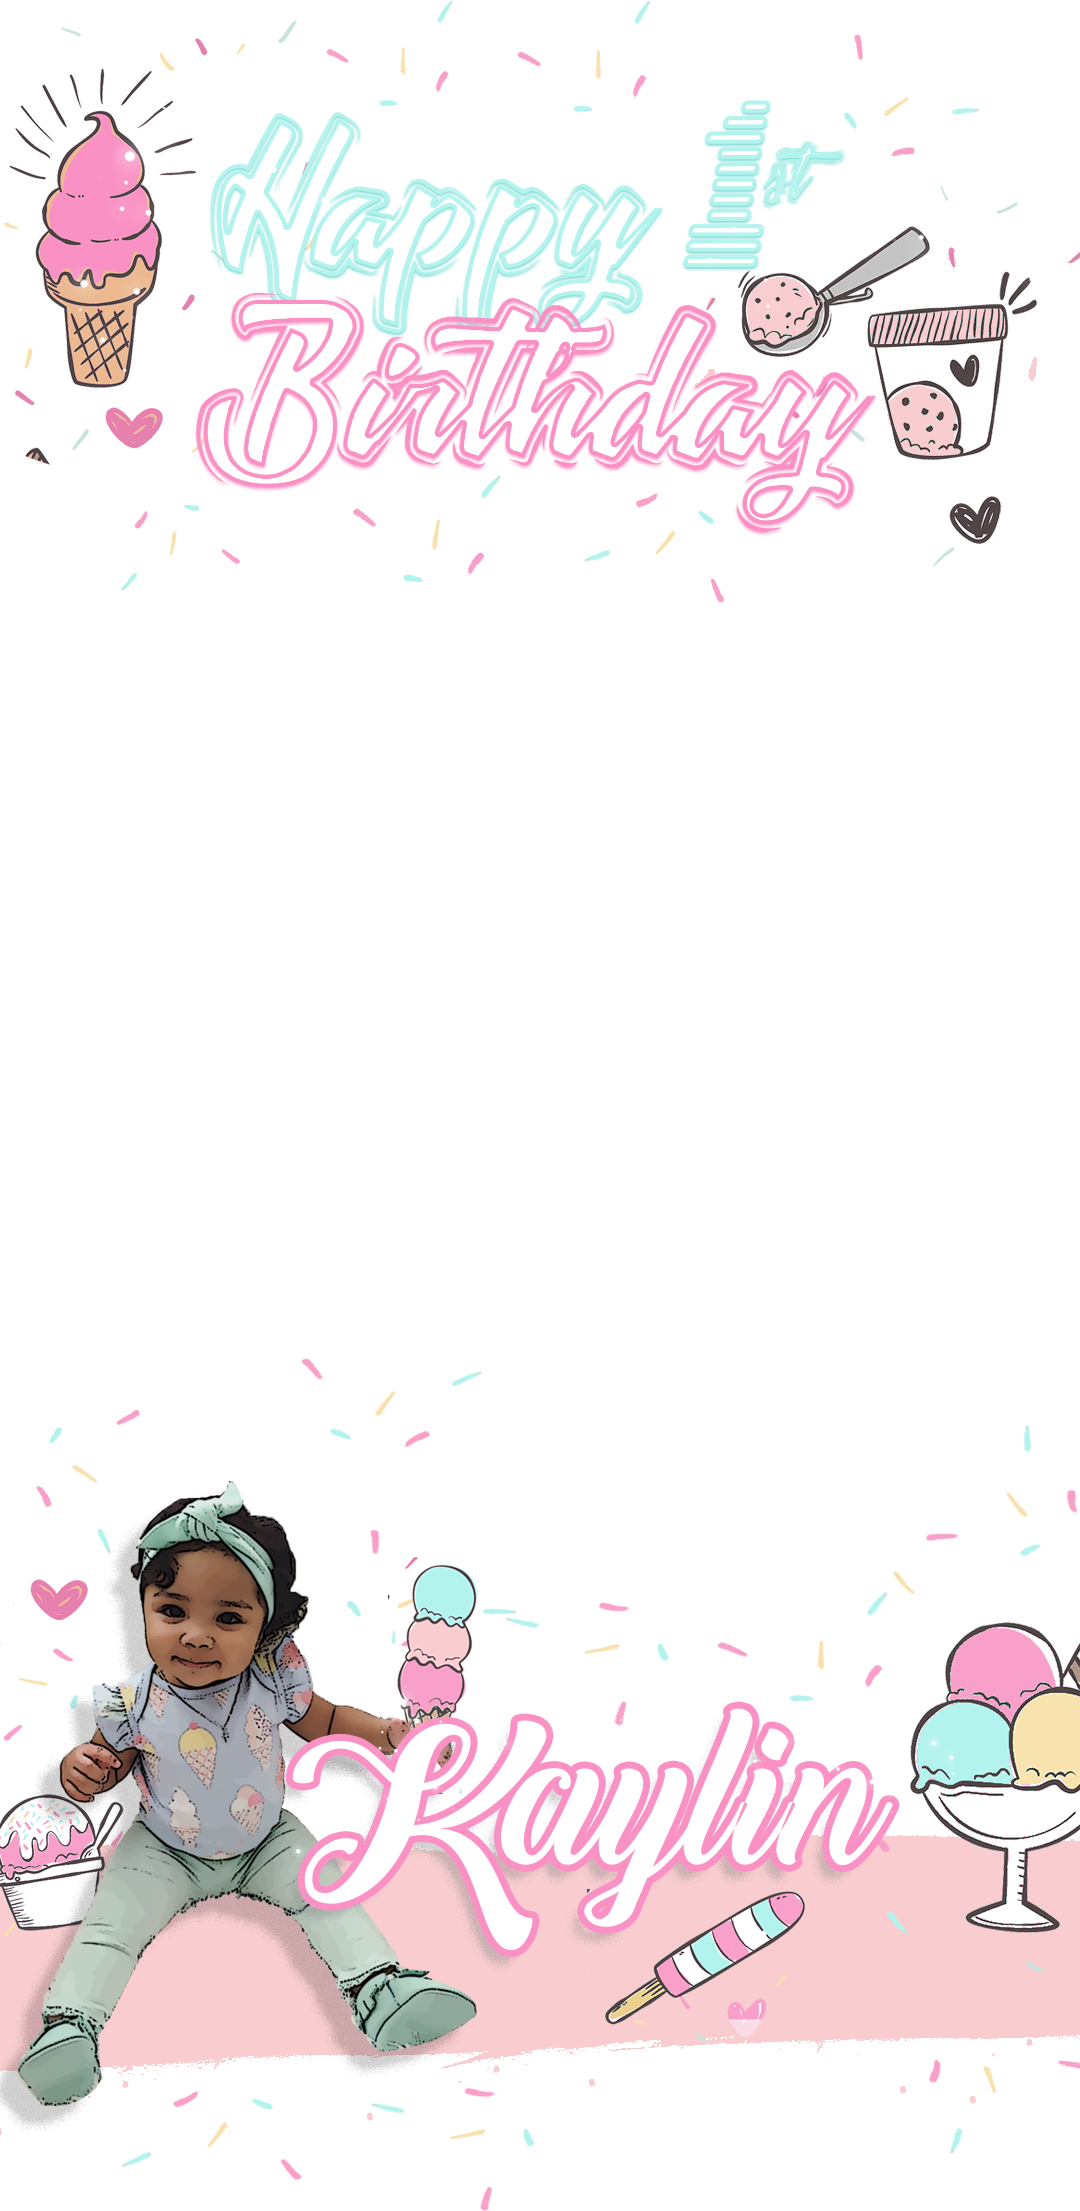 Kailyn-Birthday-Filter1